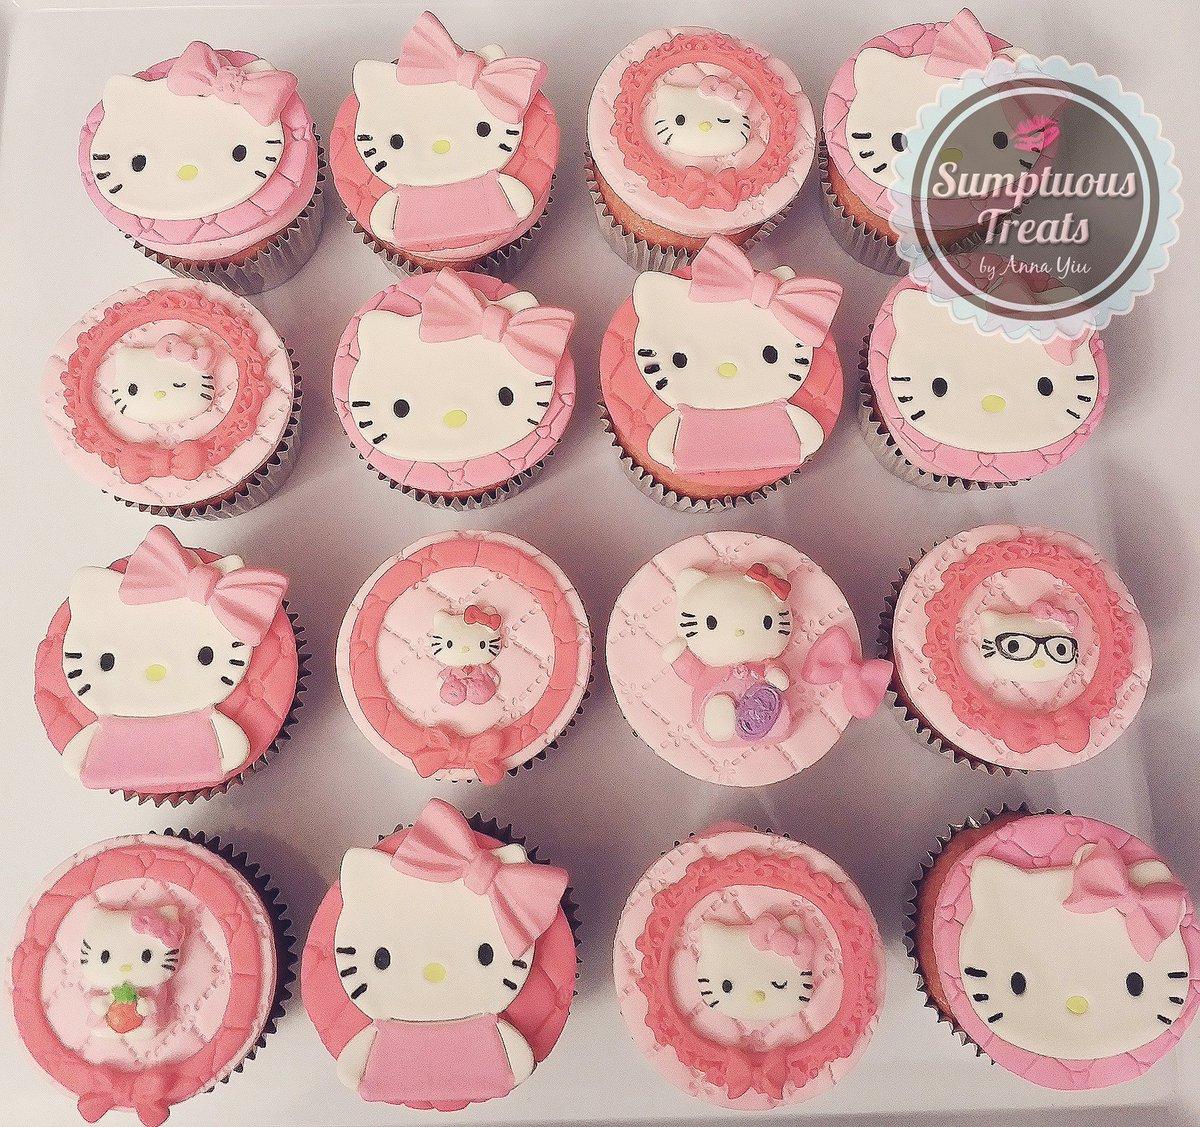 Sumptuous Treats On Twitter Hello Kitty Cupcakes Baby